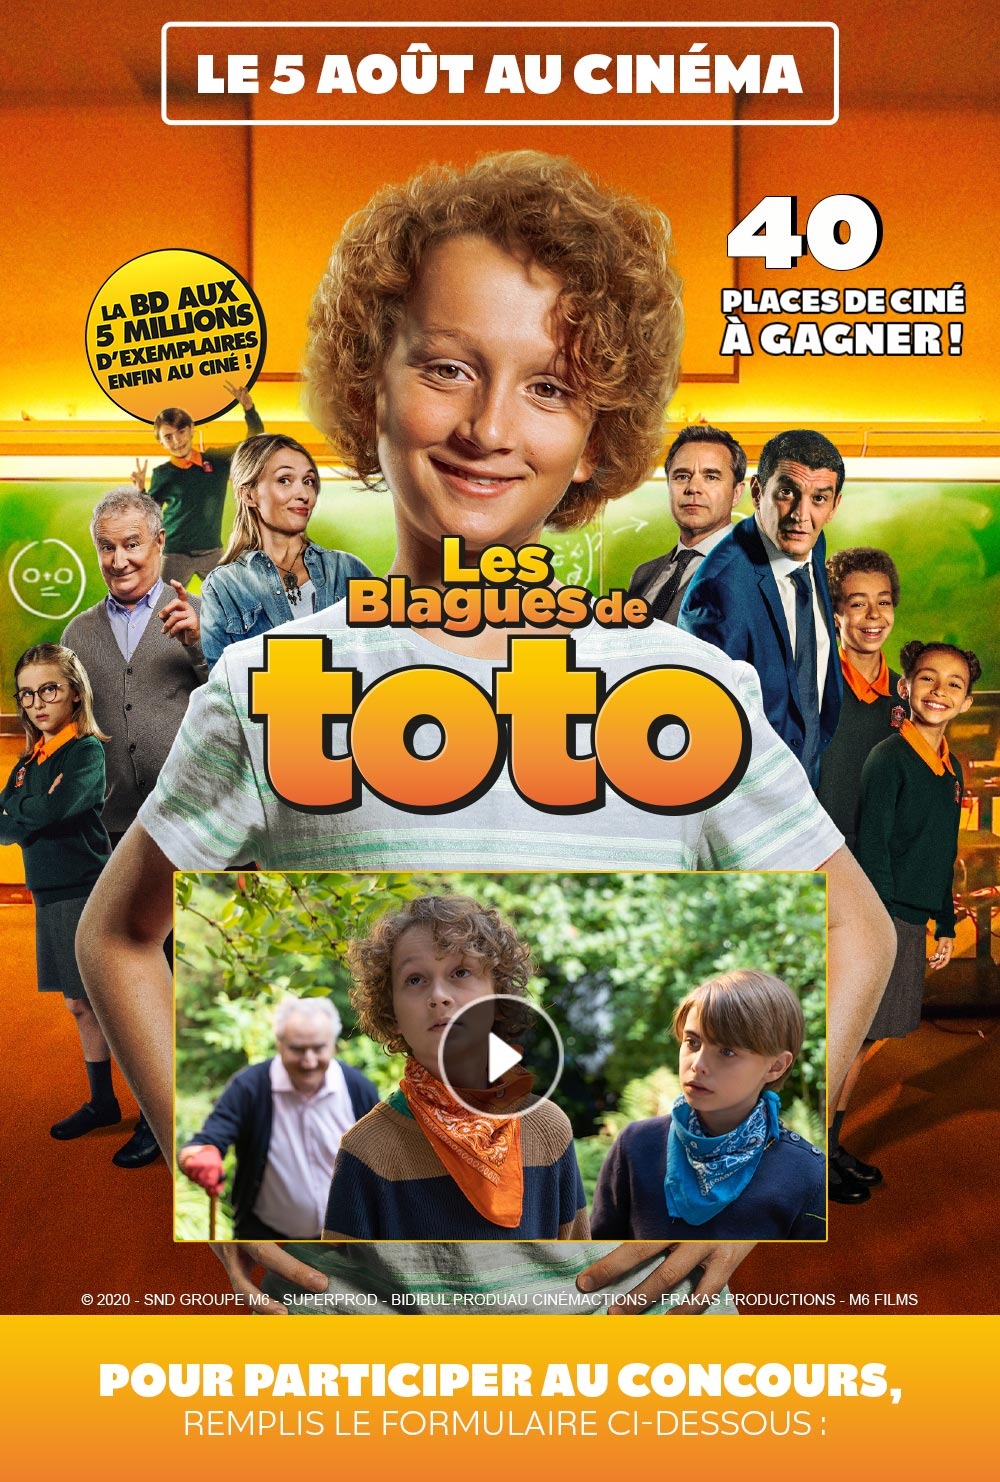 Gagne des places de cinéma pour le film LES BLAGUES DE TOTO !